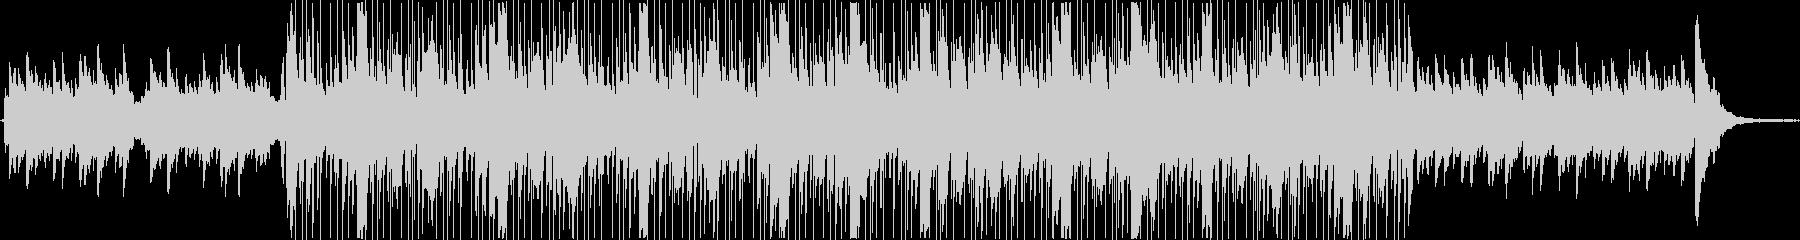 不思議な雰囲気のエレクトロニカ風BGMの未再生の波形